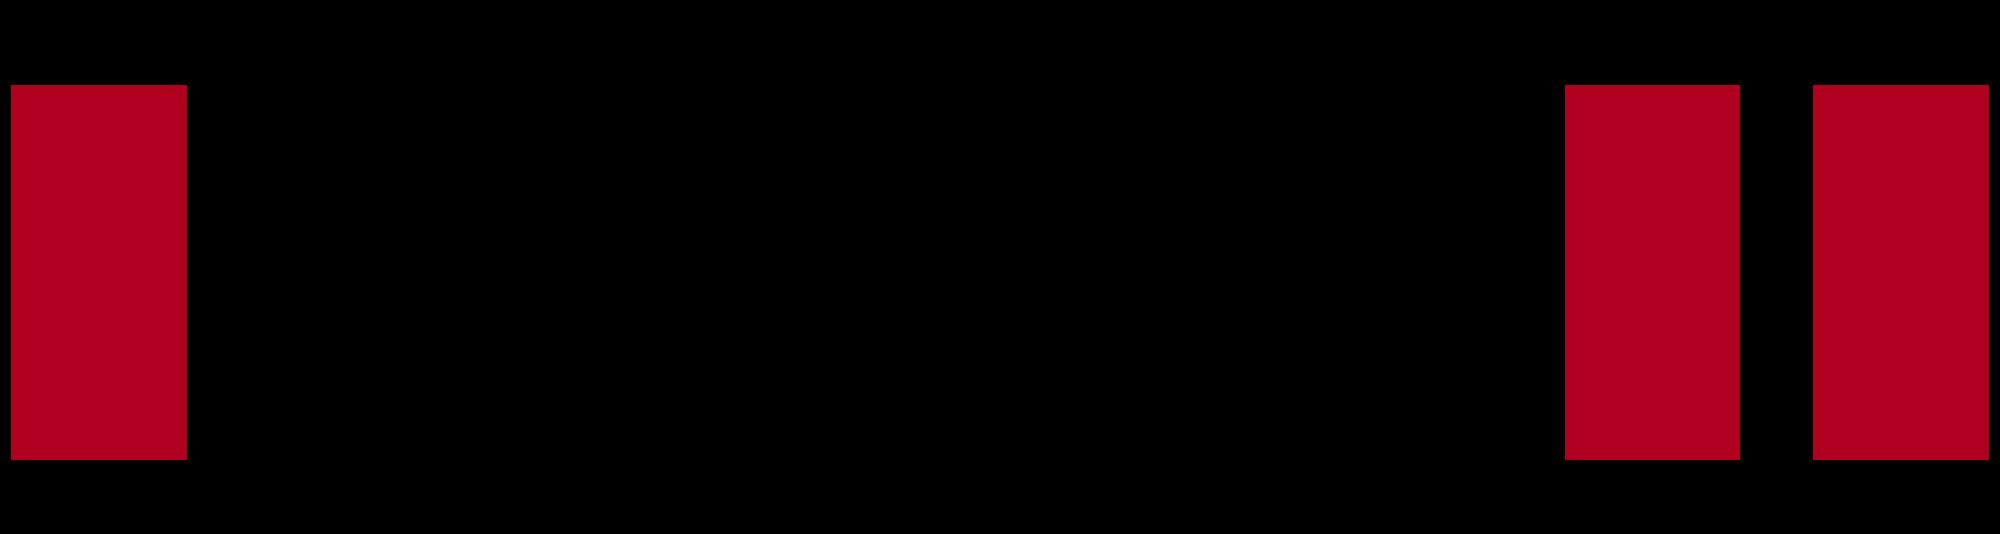 Tungel Byggare AB